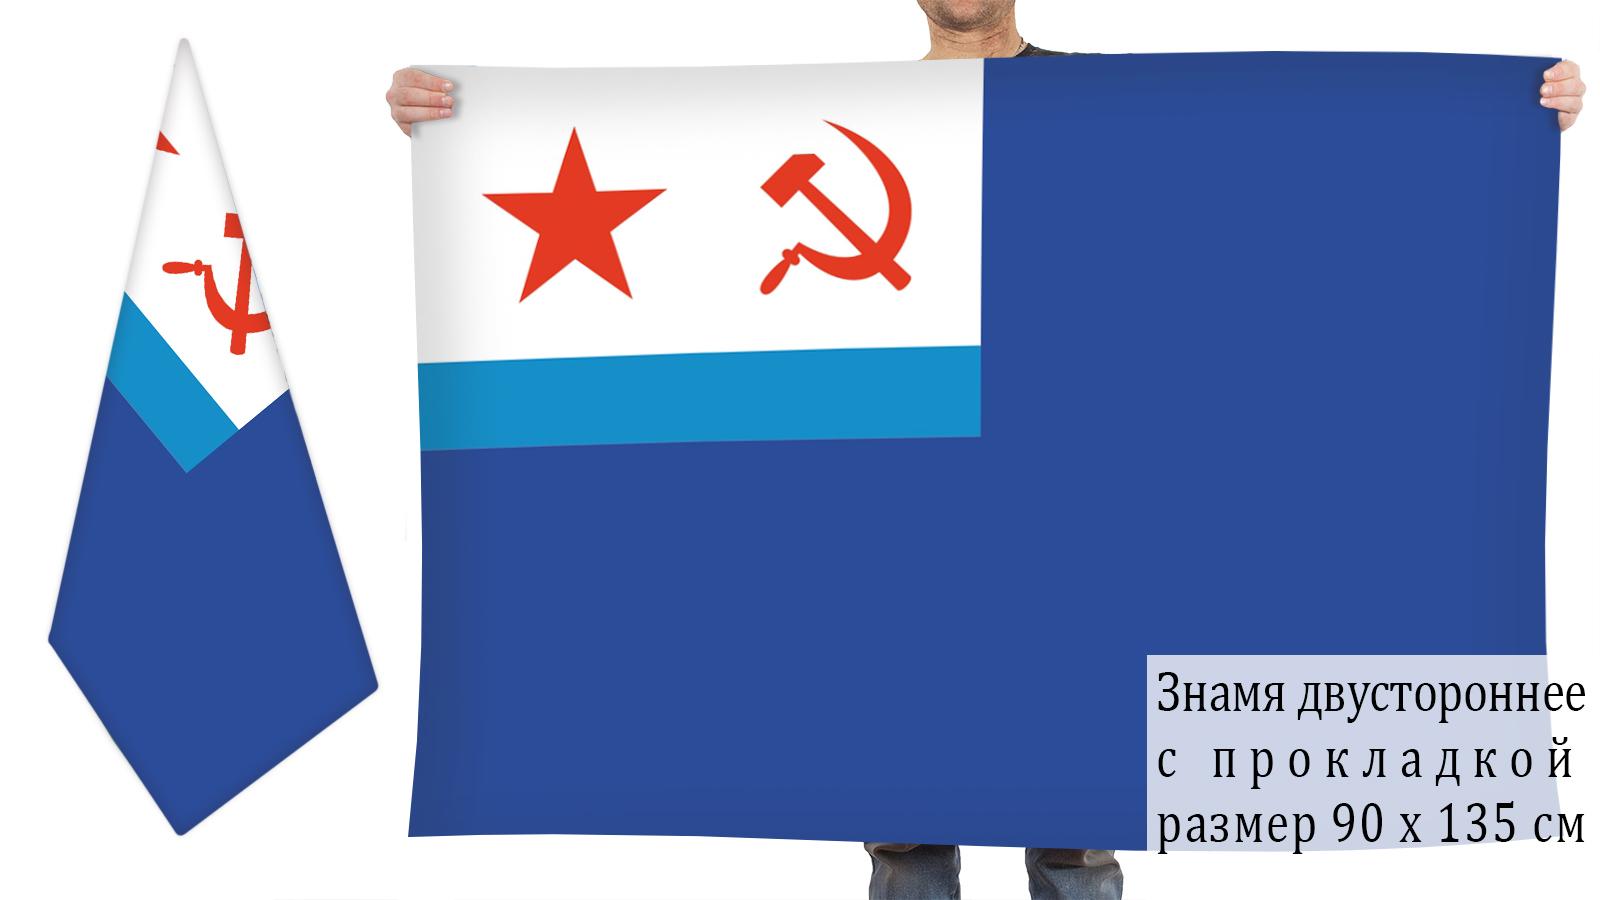 Двусторонний флаг вспомогательных судов тыла ВМФ СССР